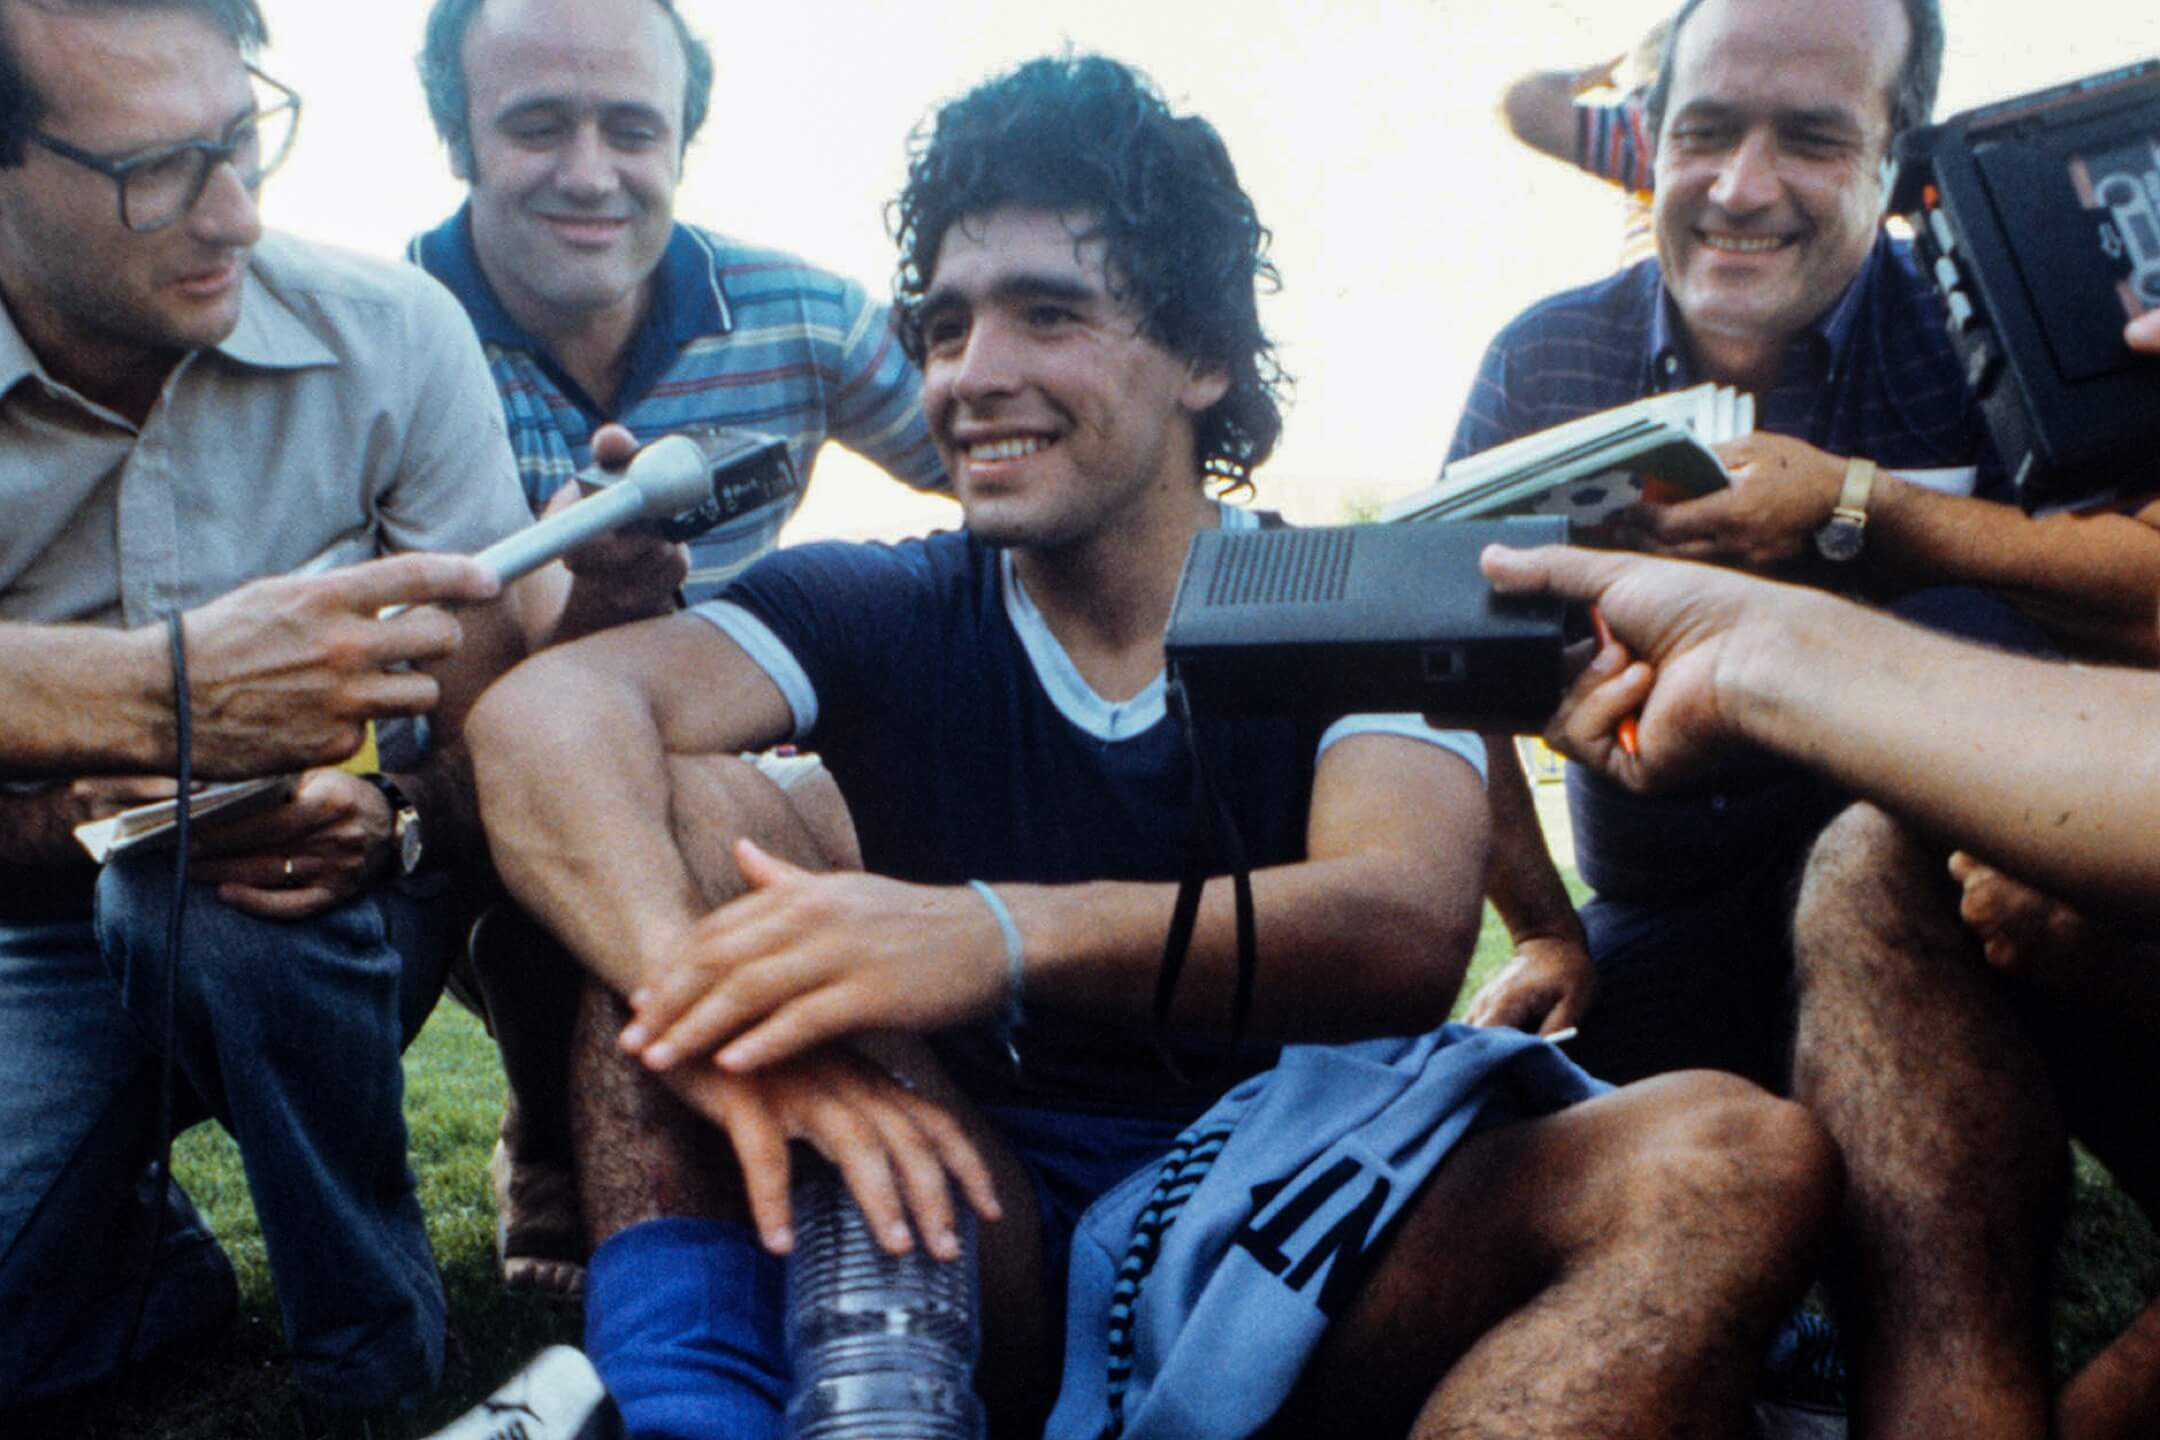 1982年6月21日,世界盃決賽周期間,球星馬勒當拿在球場上接受一眾記者採訪。 攝:Karl Staedele/picture alliance via Getty Images